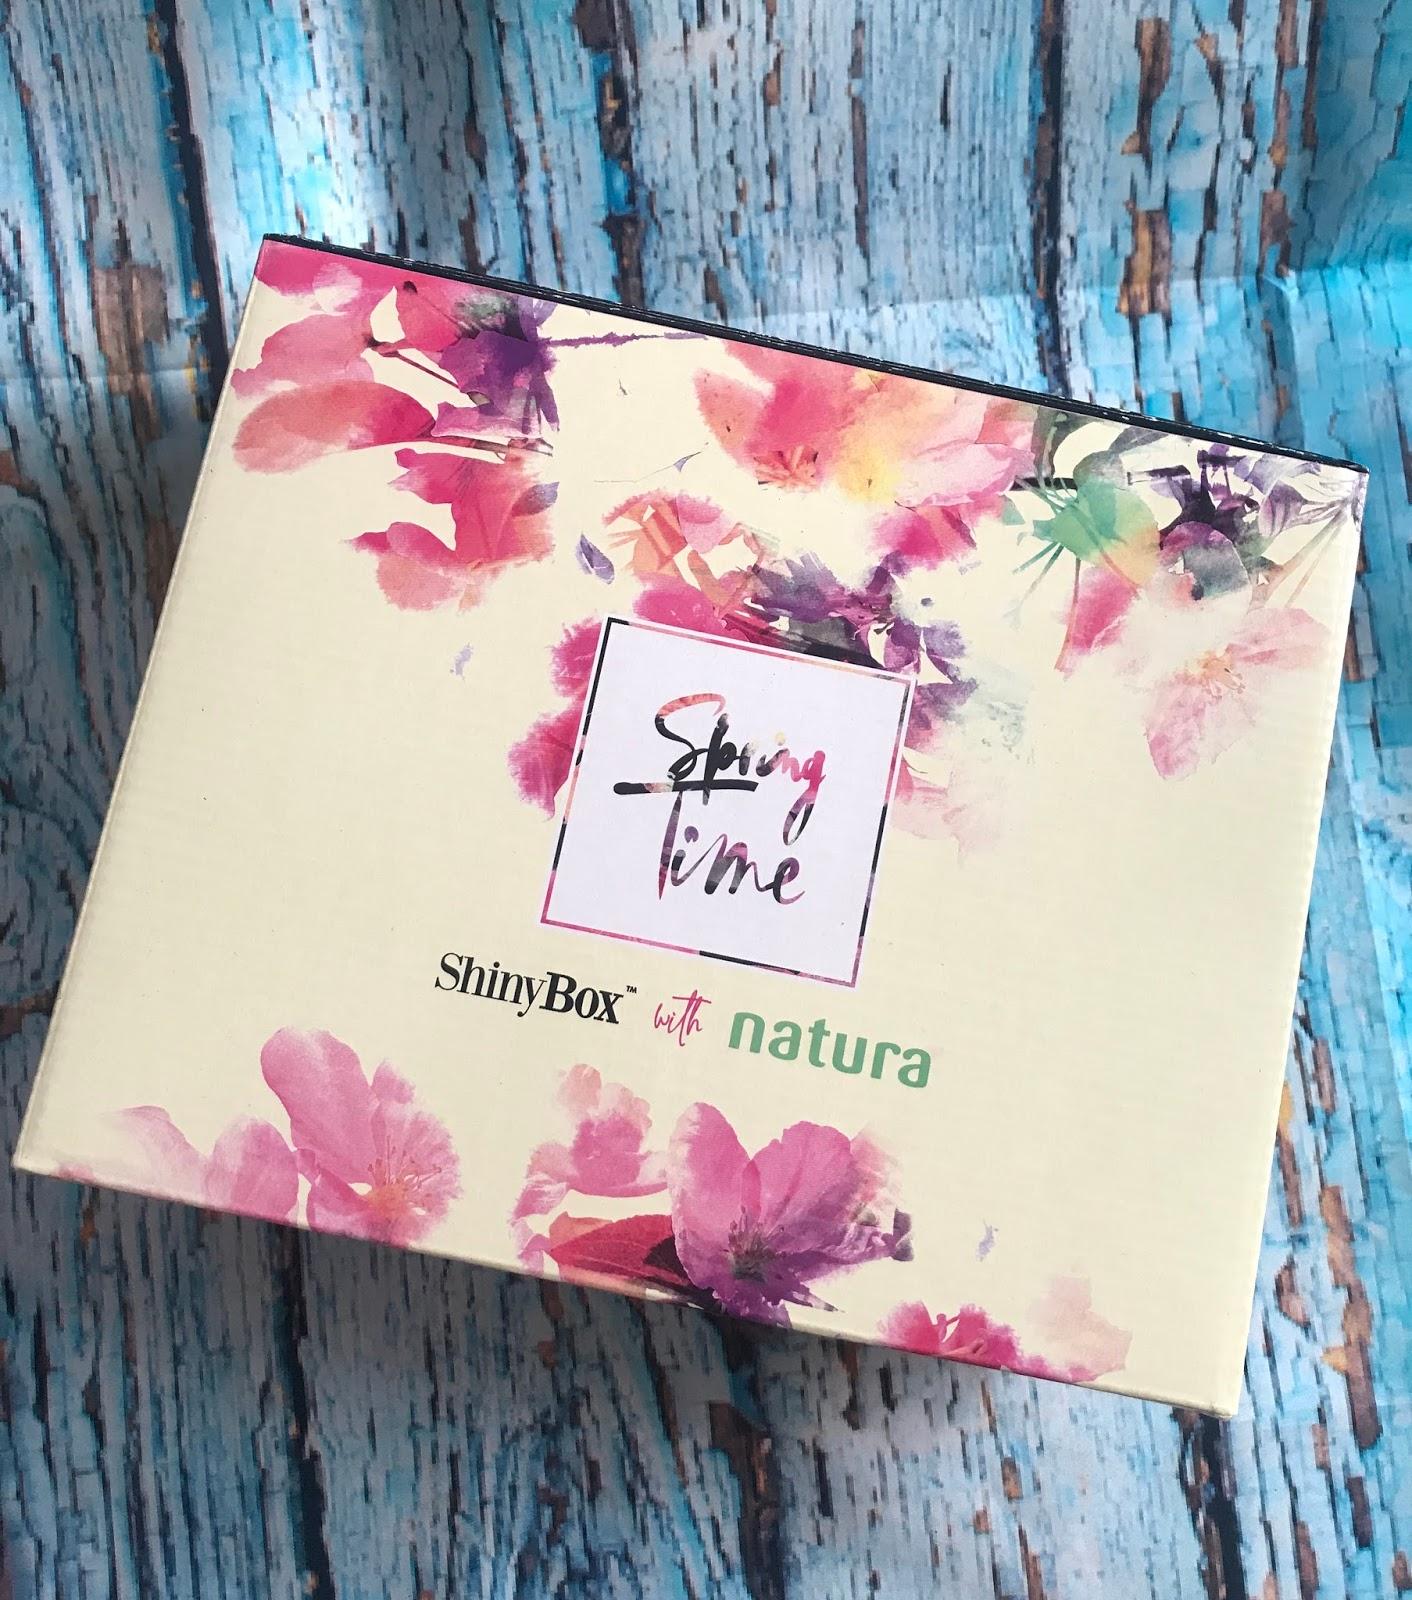 ShinyBox zawartośc kwietniowego pudelka  Spring Time